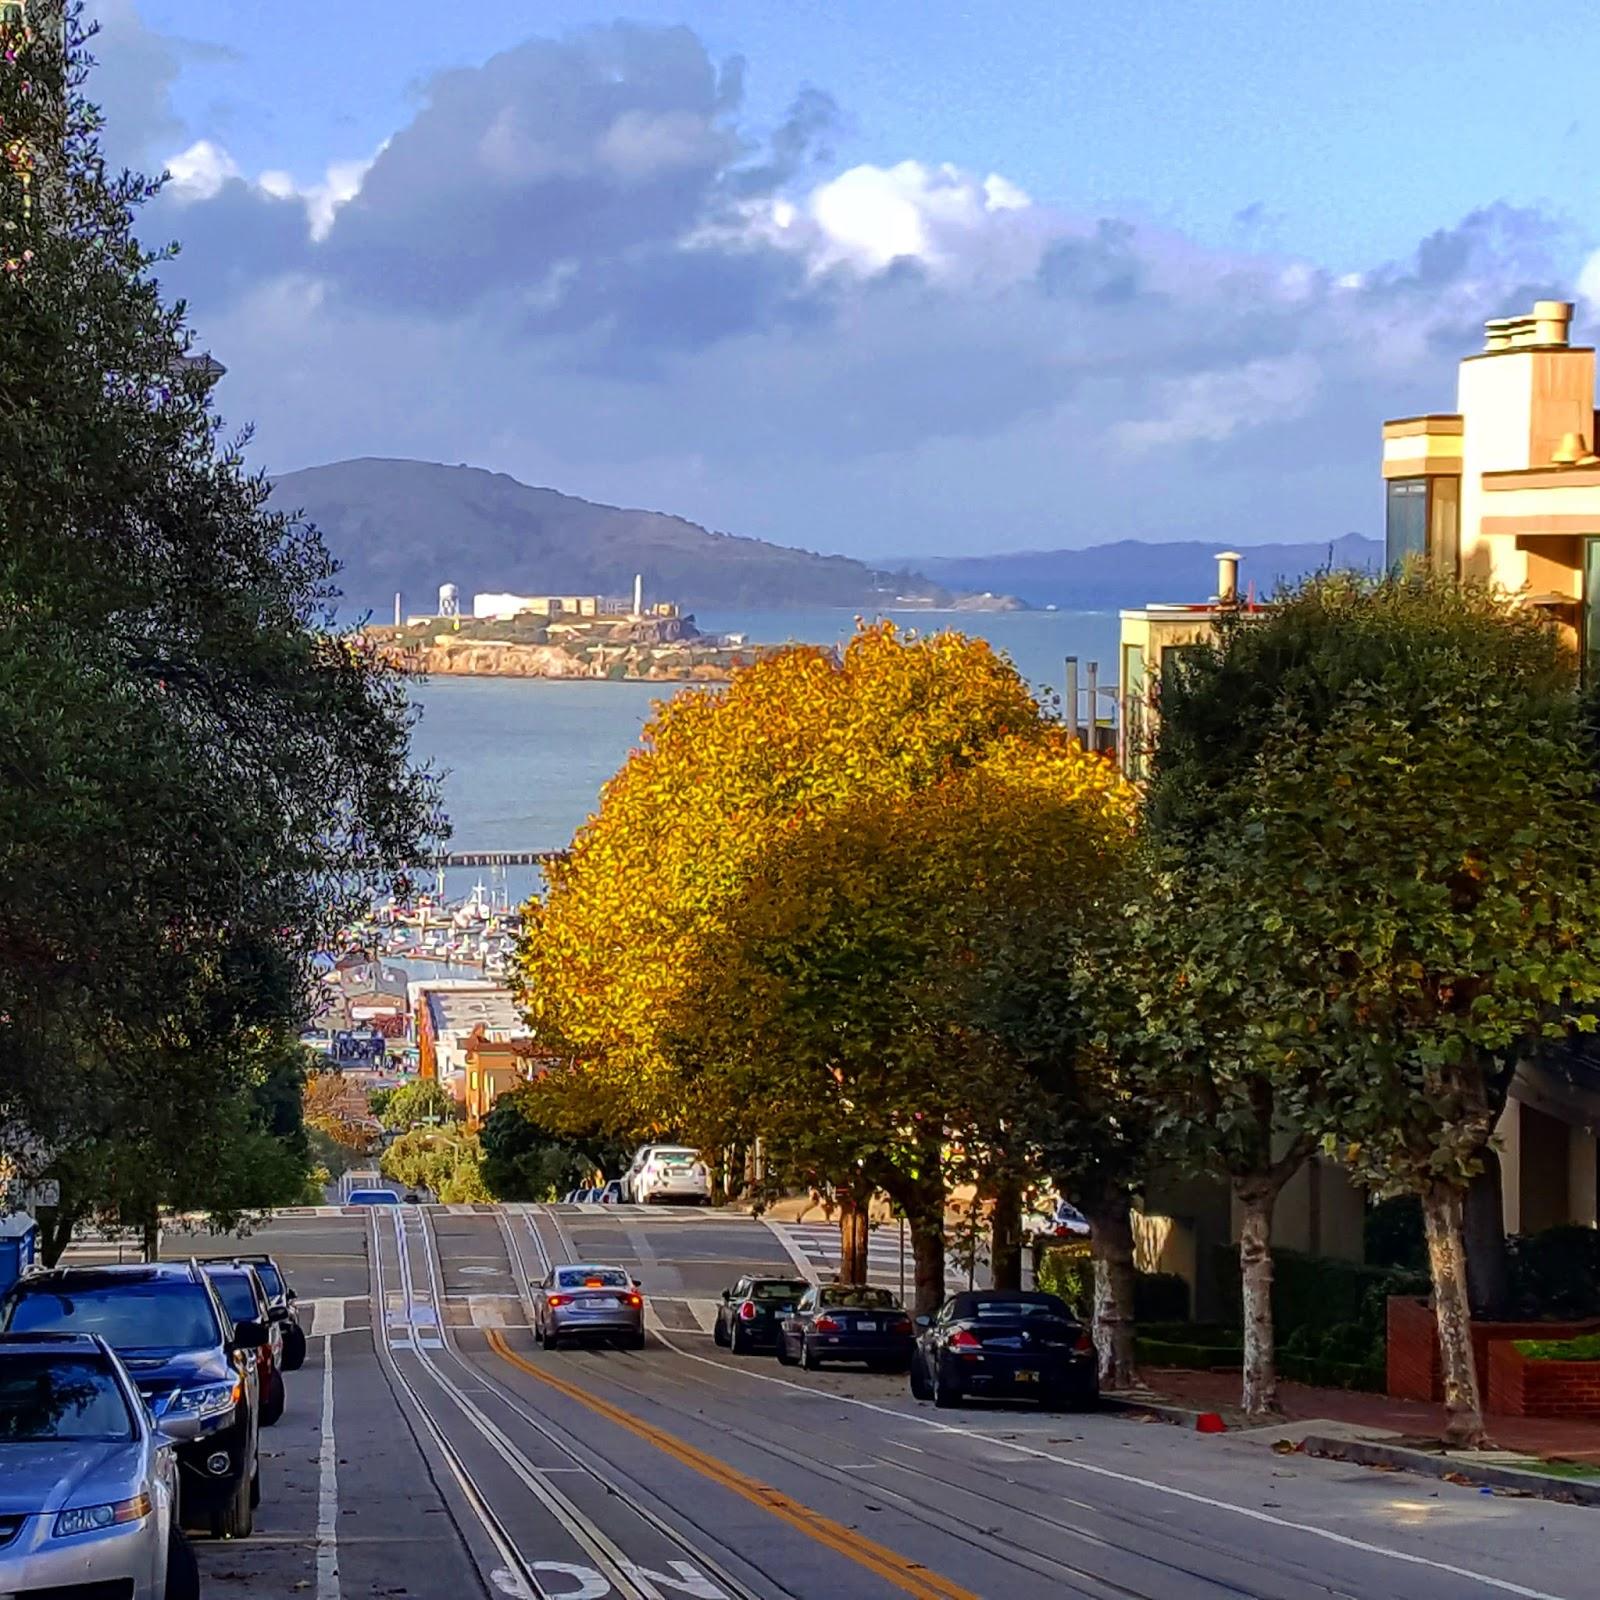 najbolje mjesto za upoznavanje San Francisca